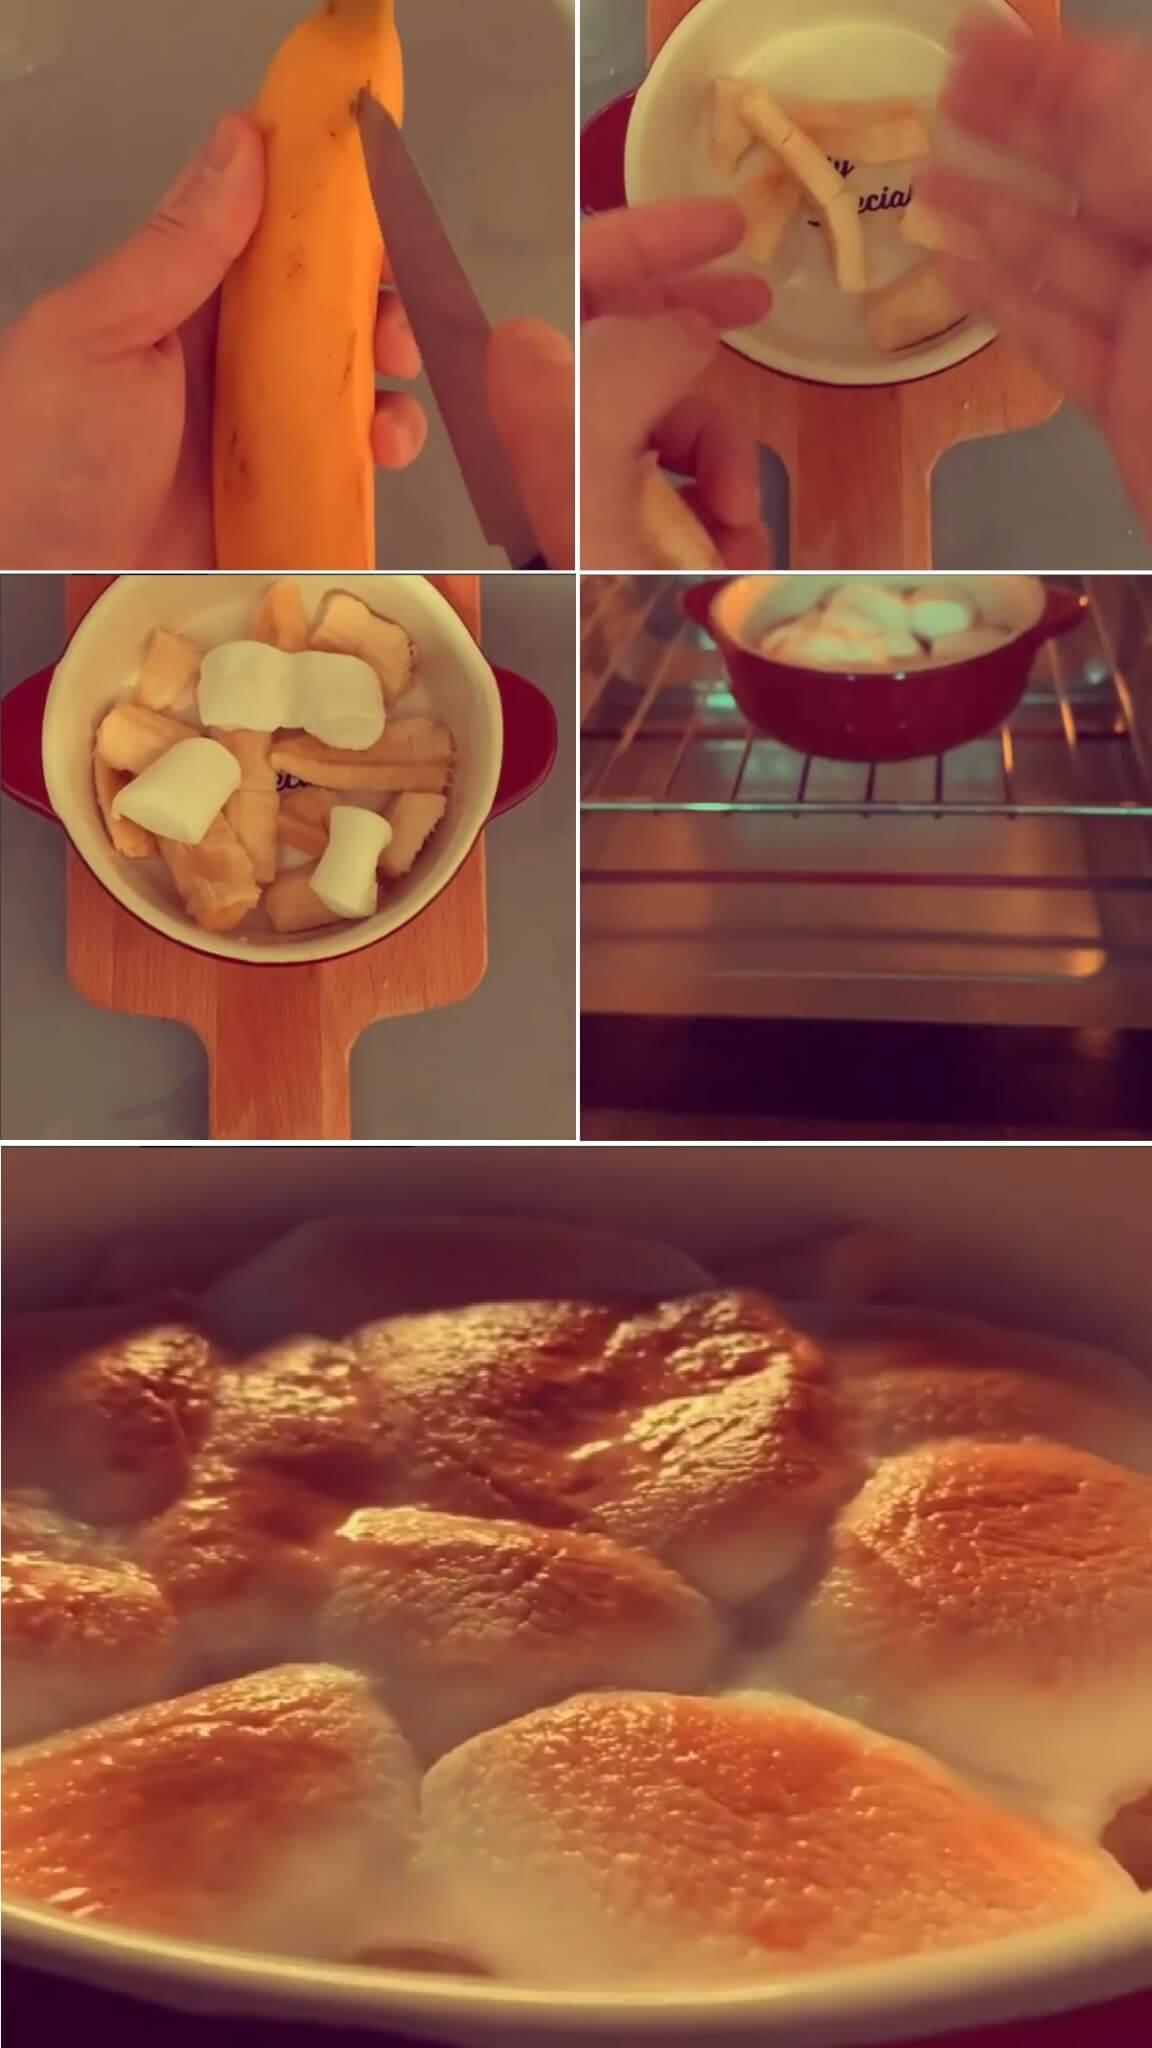 他最新發布一段自家製甜品「香蕉棉花糖」短片,清楚拍攝每一個步驟與粉絲分享。